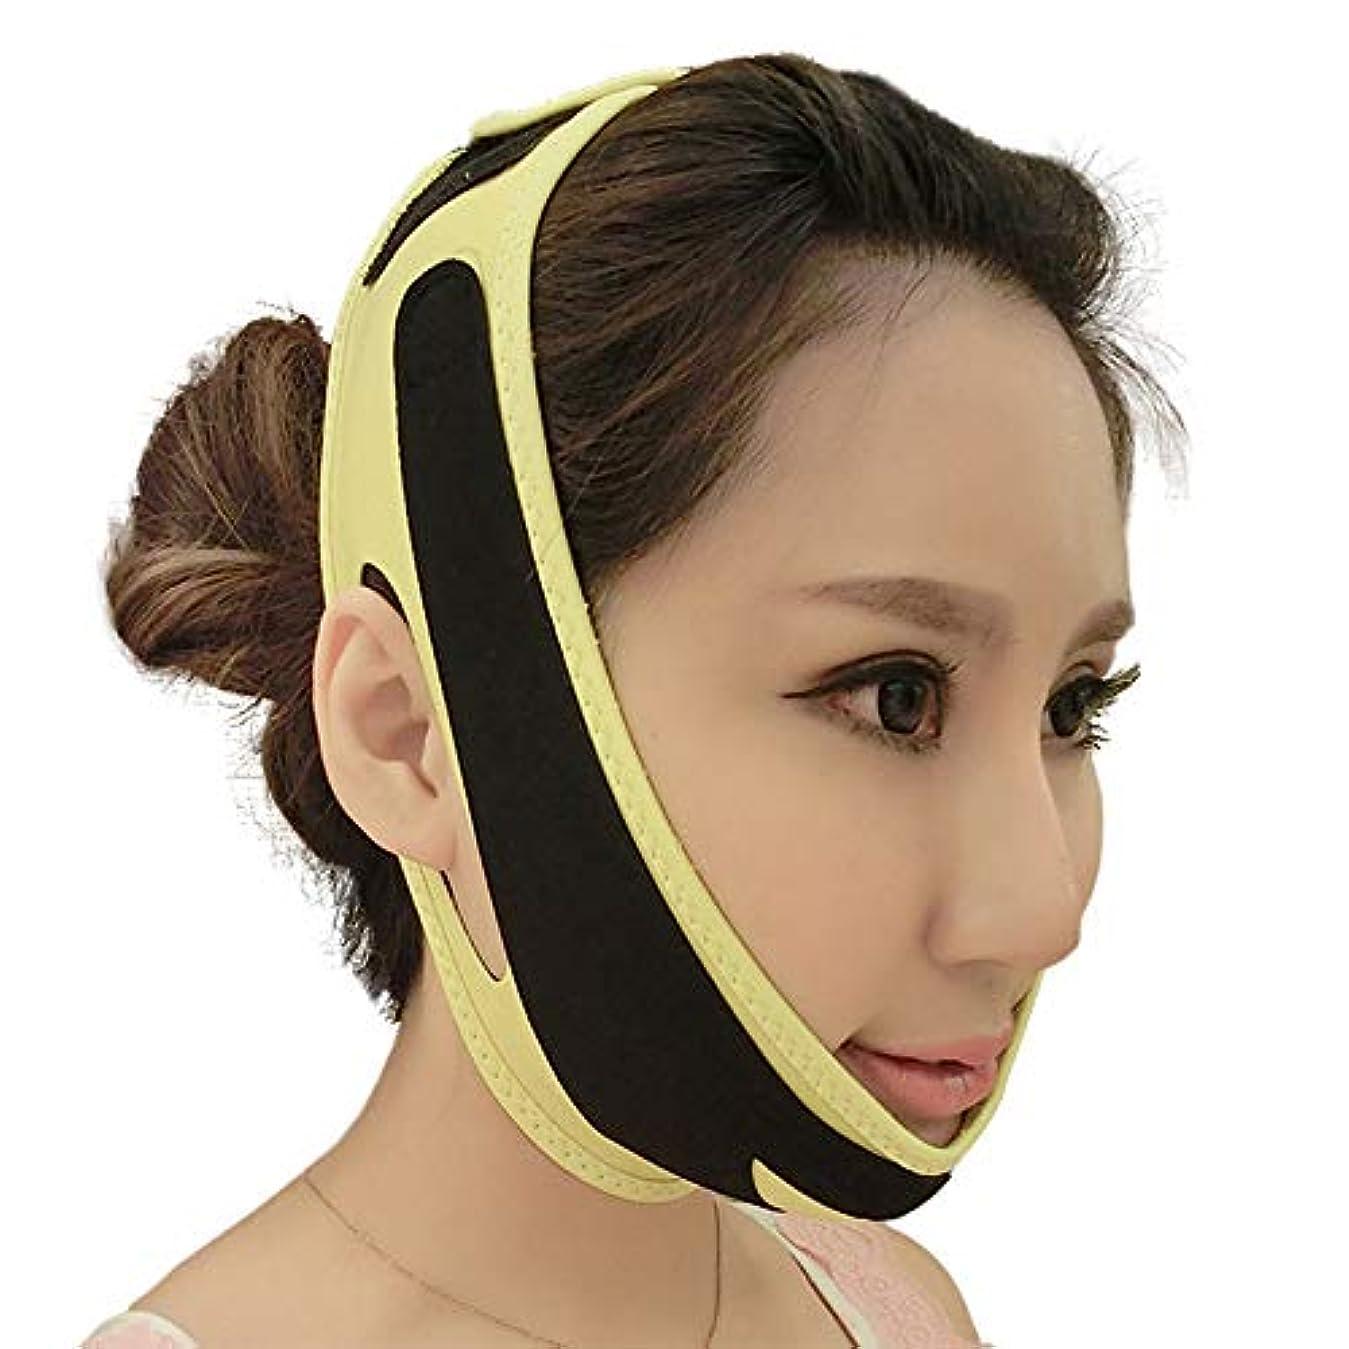 専門知識テンポ桃V顔の睡眠の顔の包帯、フェイスマスクハーフパックダブルチンリフトパッキングユニセックス